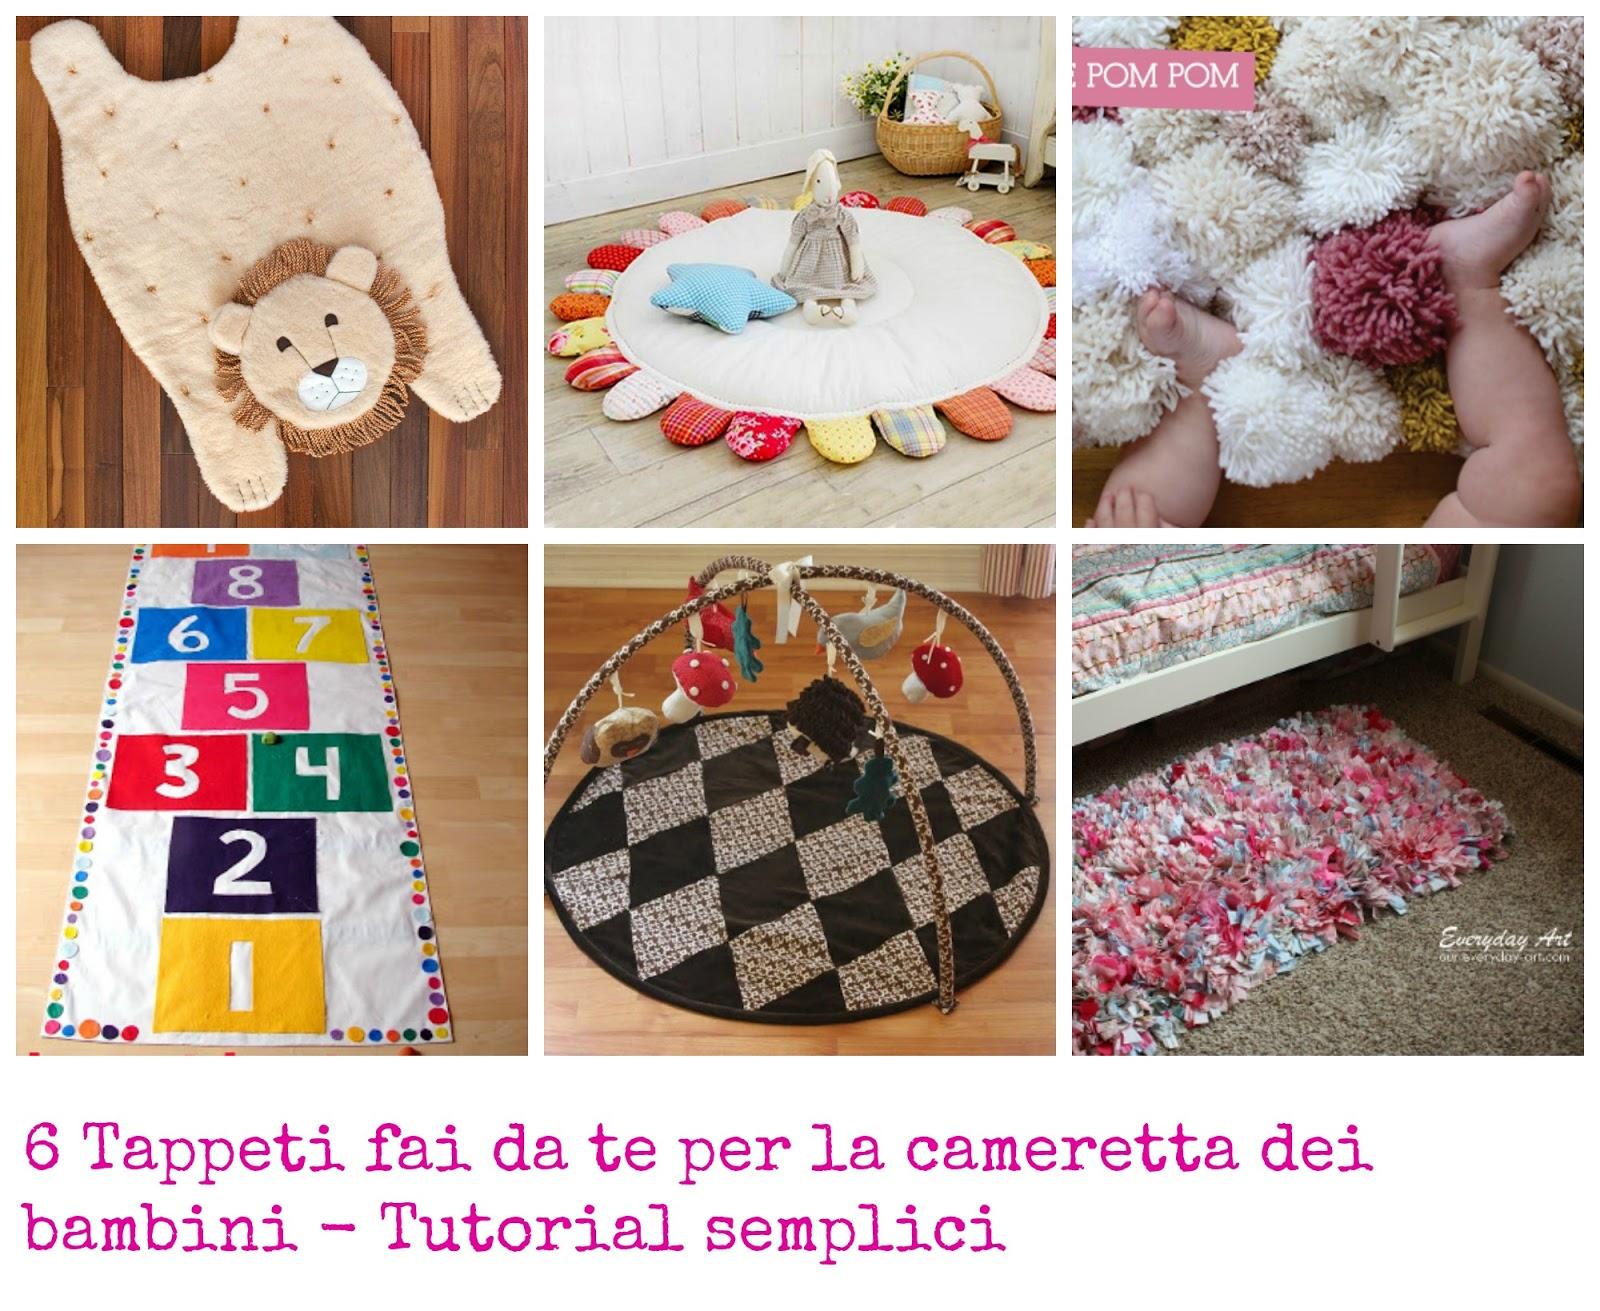 Decorazioni Per Camerette Bambini Fai Da Te : Tappeti fai da te per la cameretta dei bambini tutorial semplici